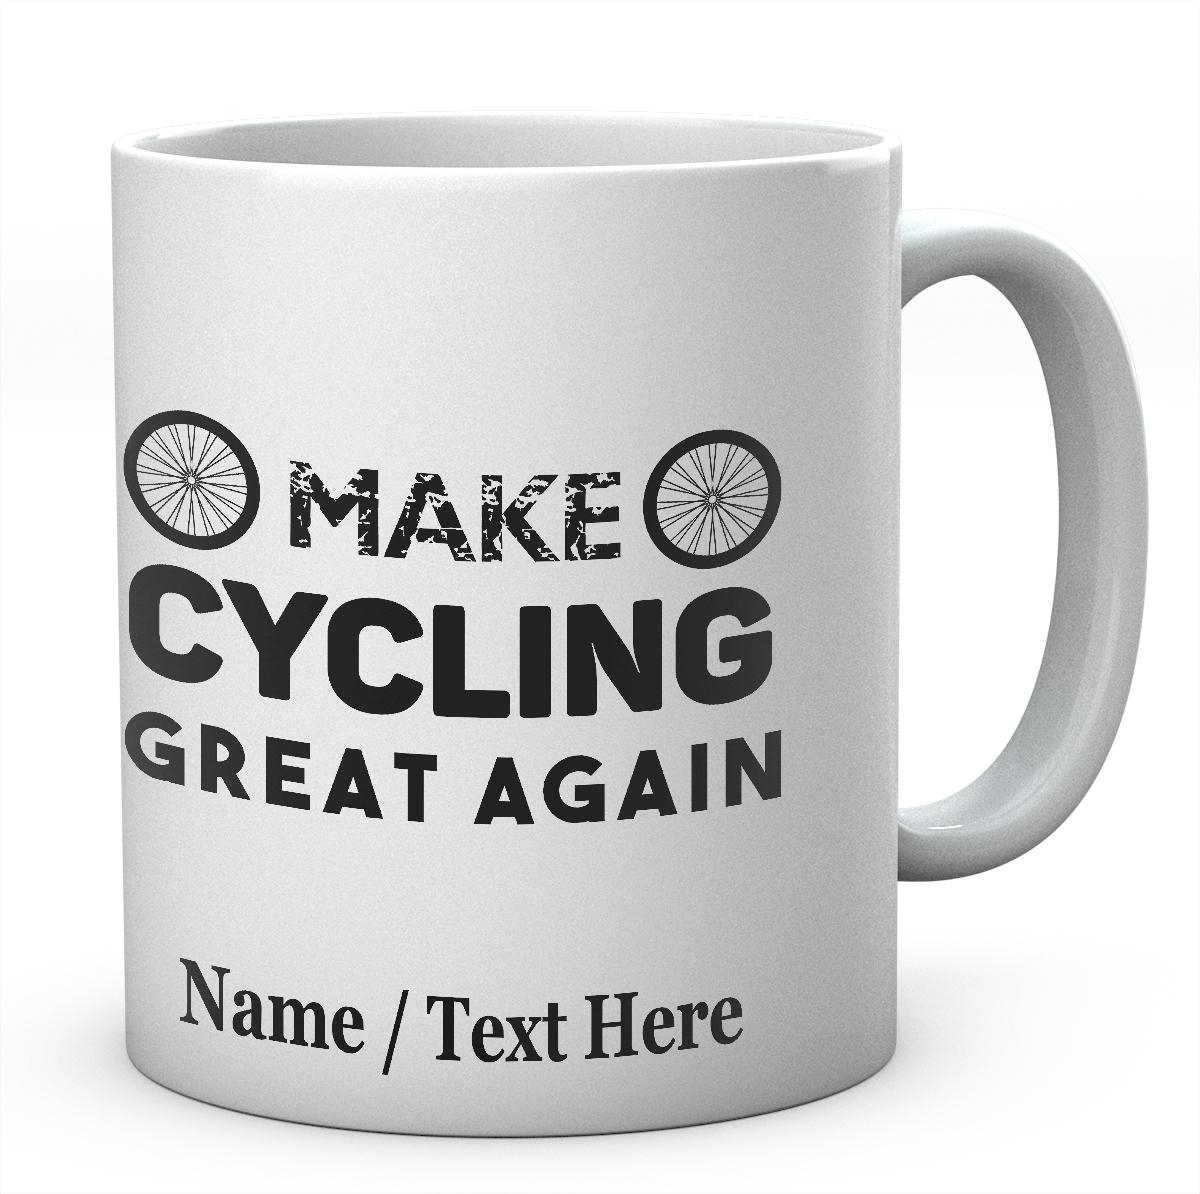 Make Cycling Great Again-Printed Mug